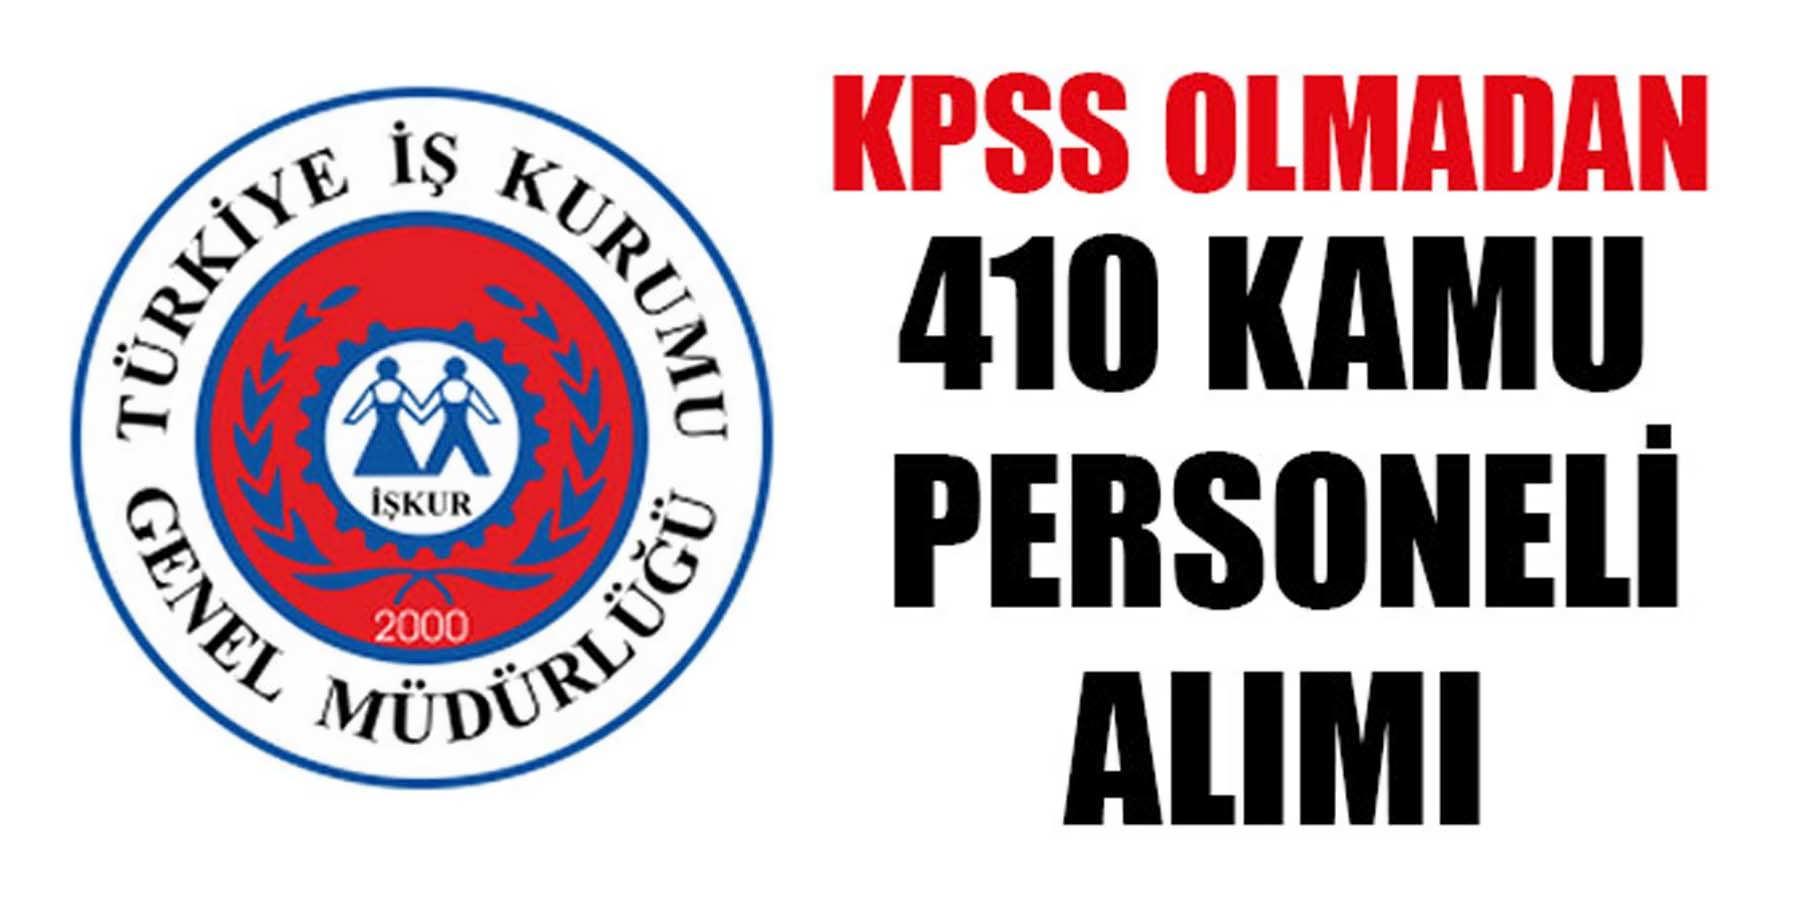 KPSS Olmadan 410 Kamu Personeli Alımı İŞKUR Üzerinden Alınıyor